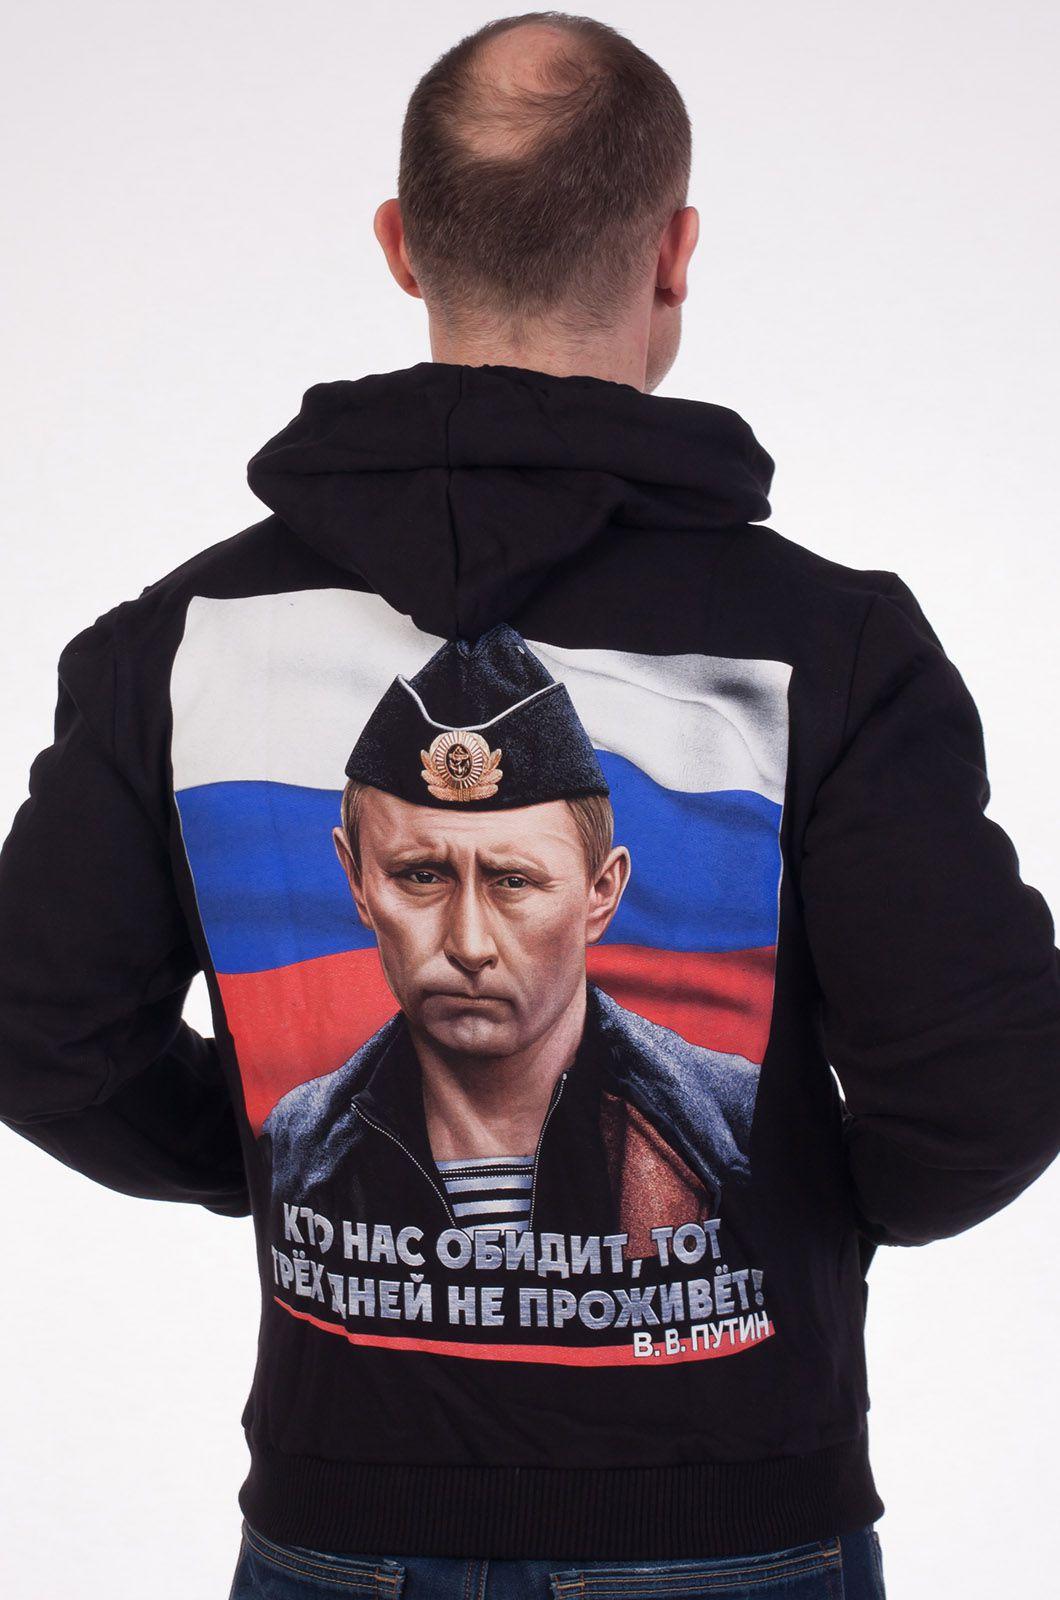 Толстовка с фото Путина - вид сзади